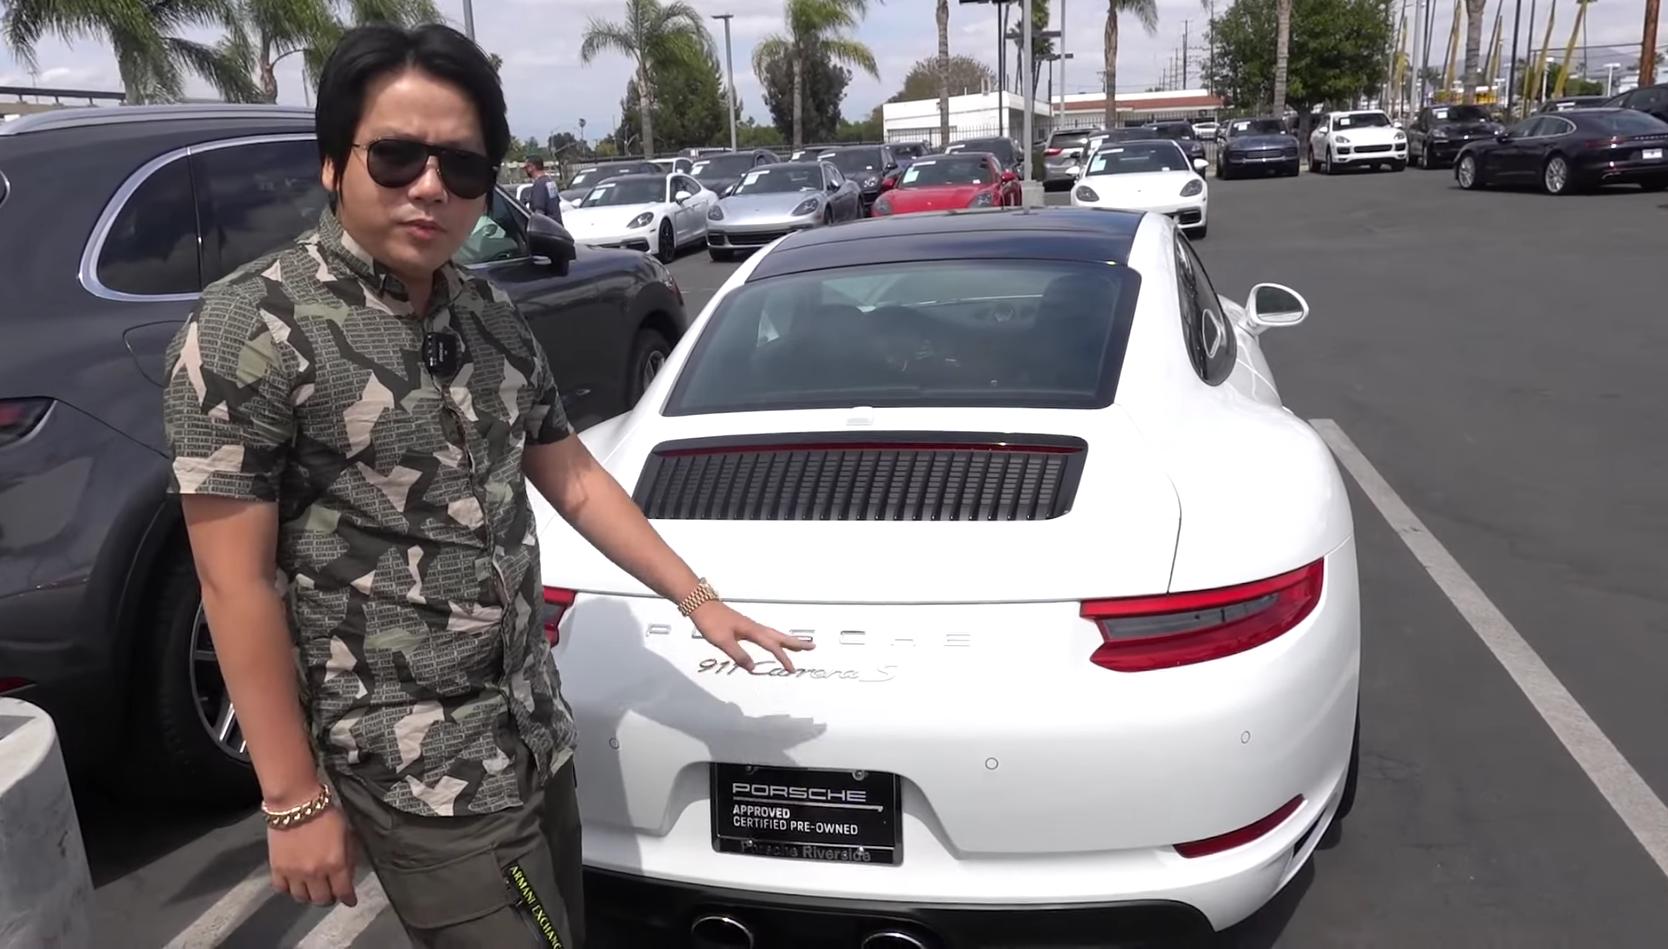 Khoa Pug ở Mỹ tậu siêu xe tiền tỷ để giảm áp lực xài tiền, nhiều dân chơi ở Việt Nam nhìn mà ao ước-6